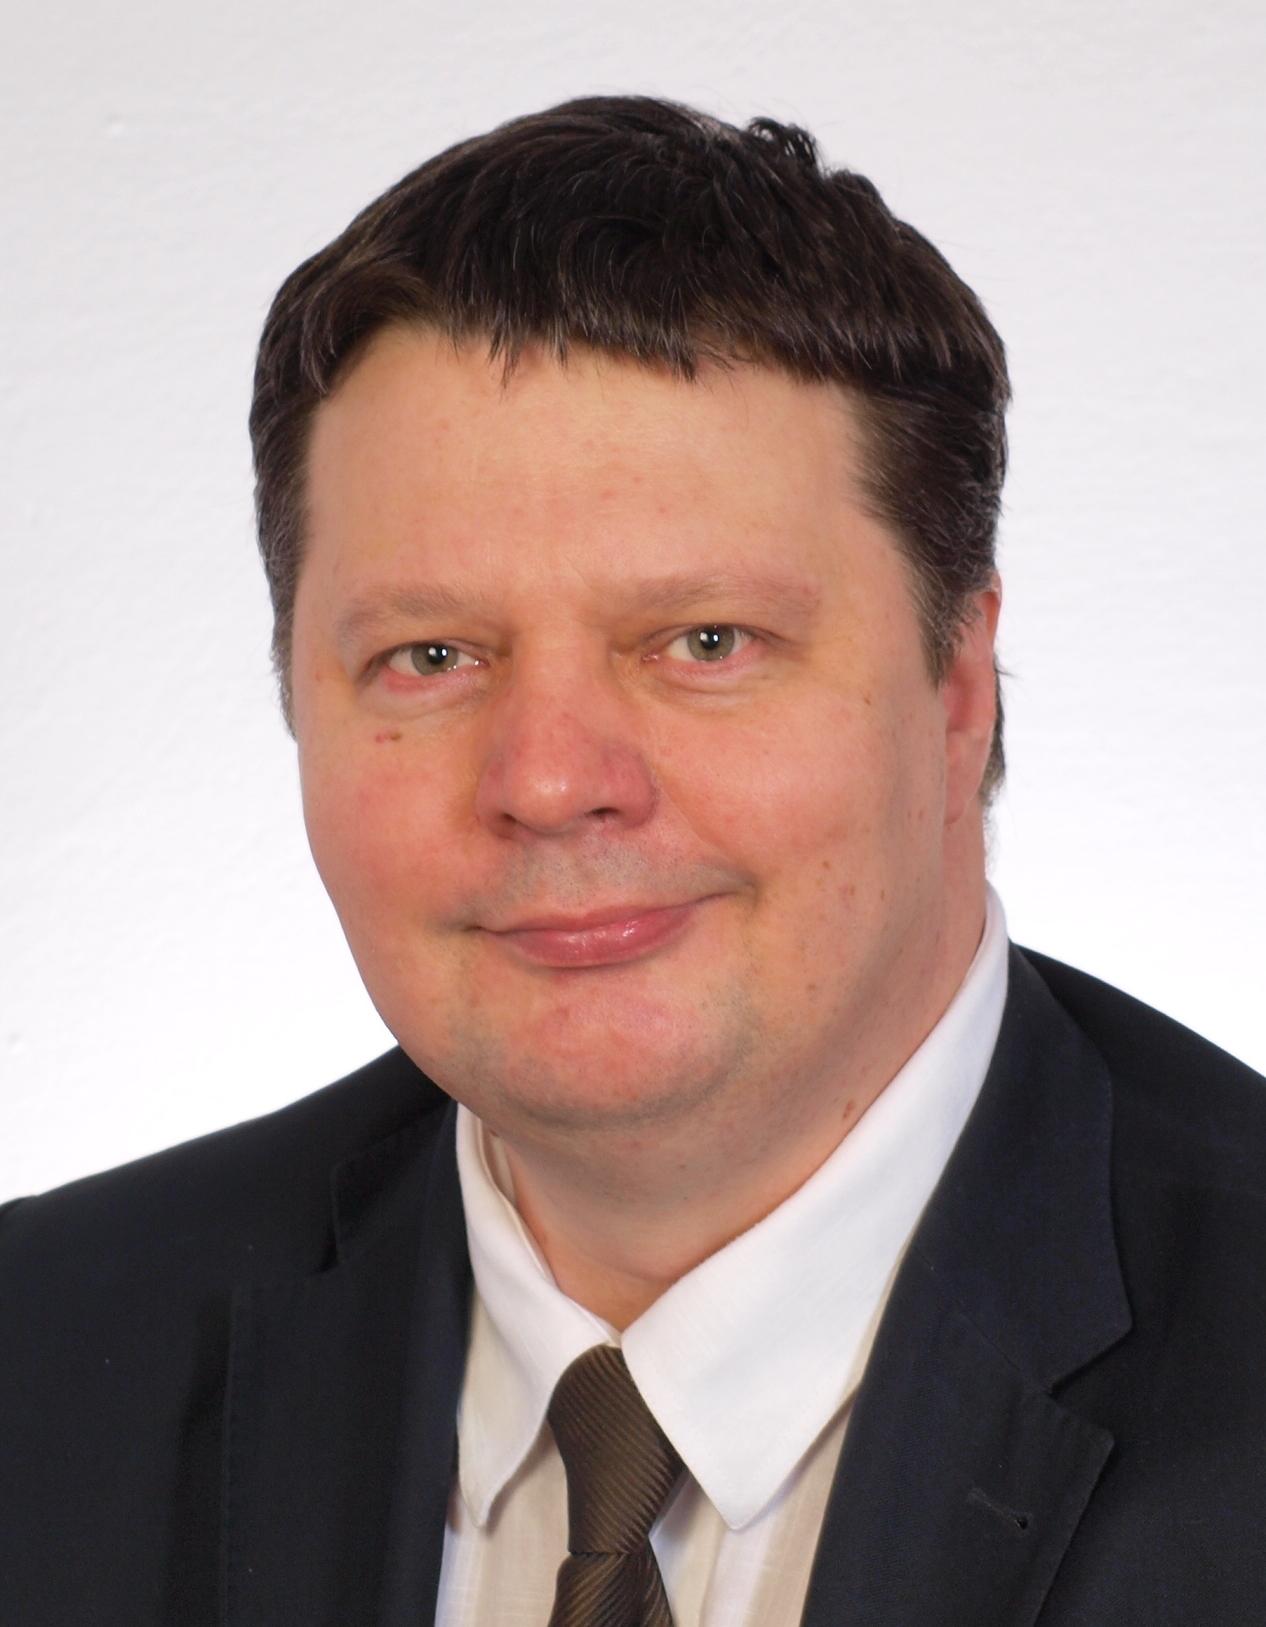 Wojciech Leppert